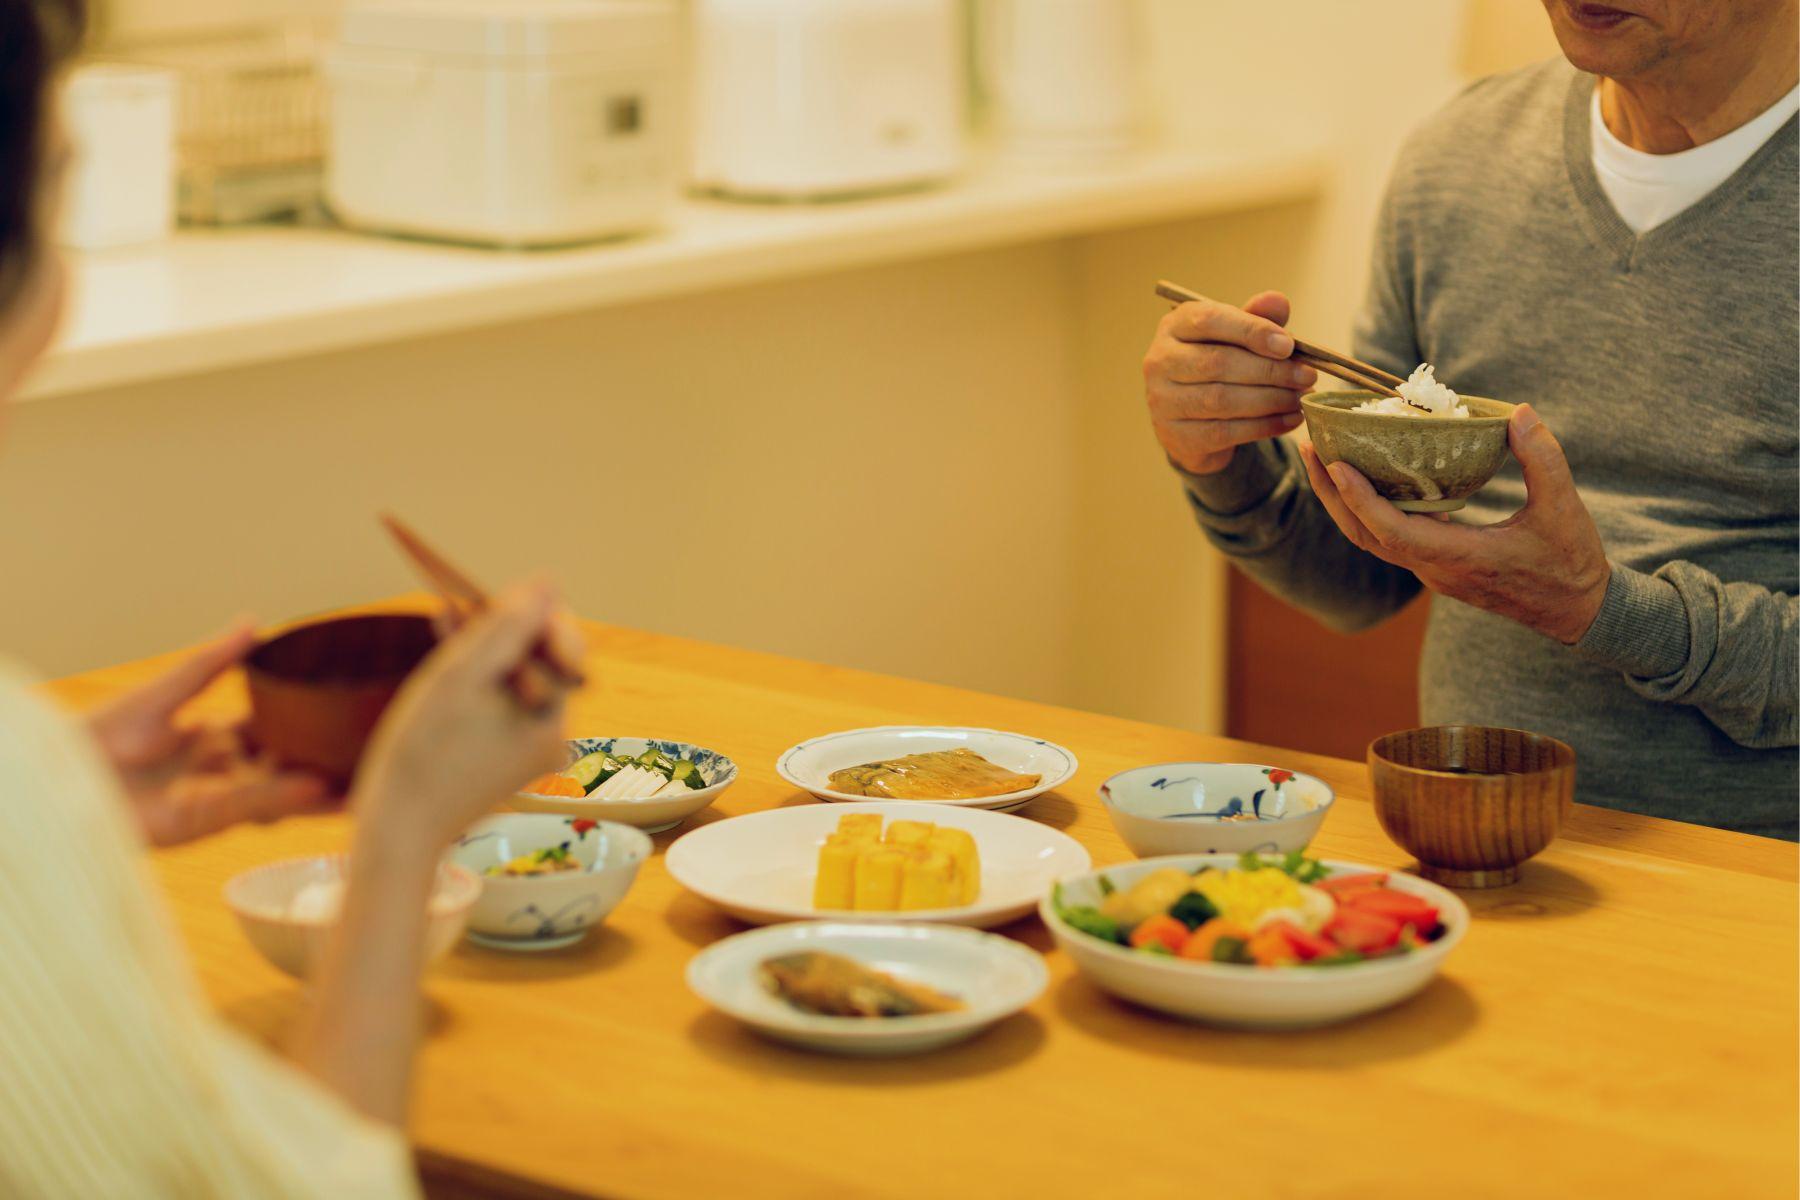 遠離皮膚癌、大腸癌!研究公佈:吃飯時補充維生素B3、花椰菜,抗癌細胞作用強